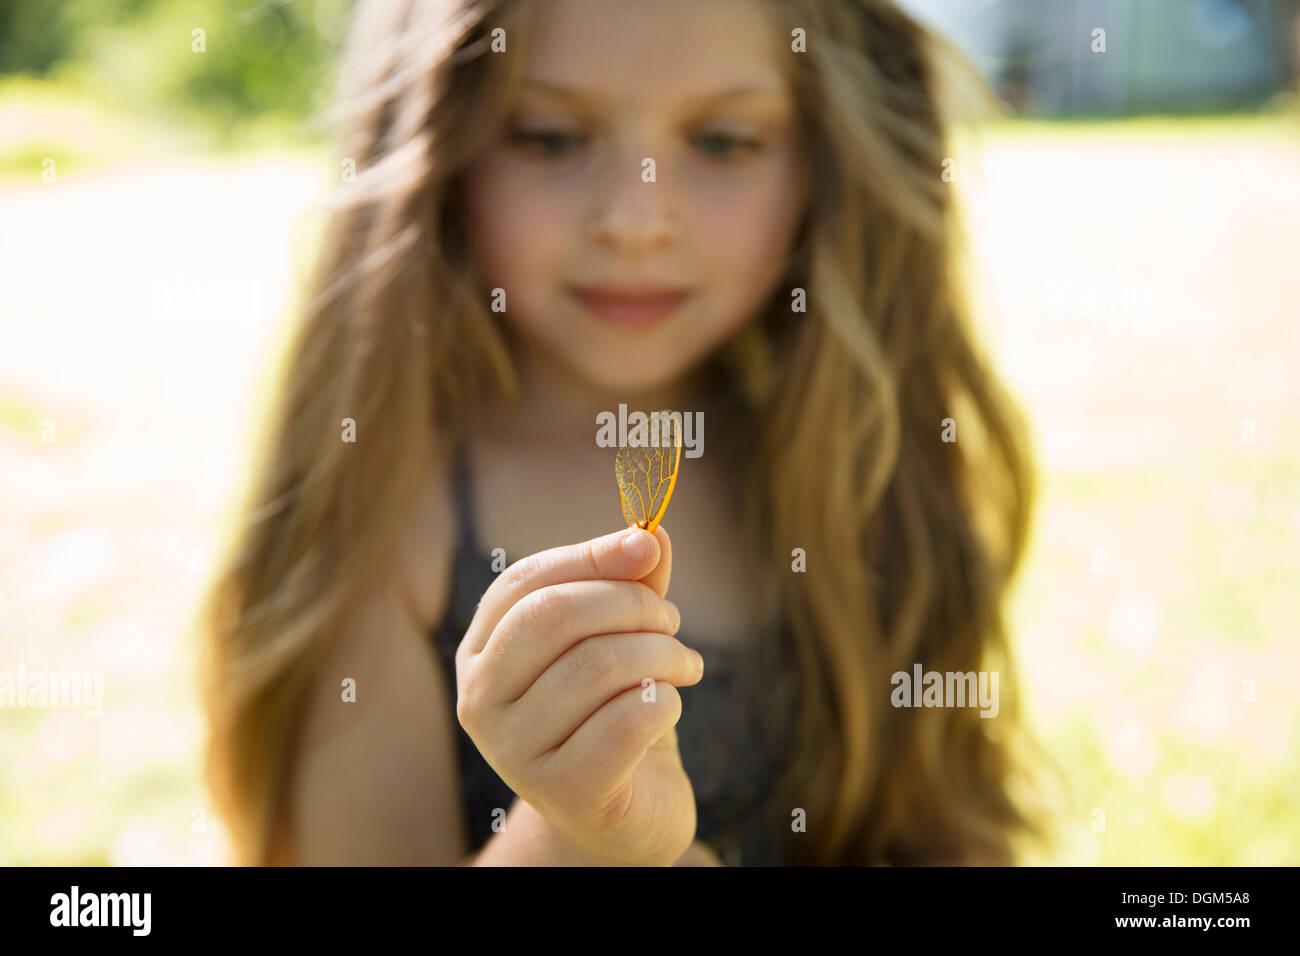 Une jeune fille avec de longs blond, tenant une jetée à motifs lacey délicate butterfly wing. Photo Stock